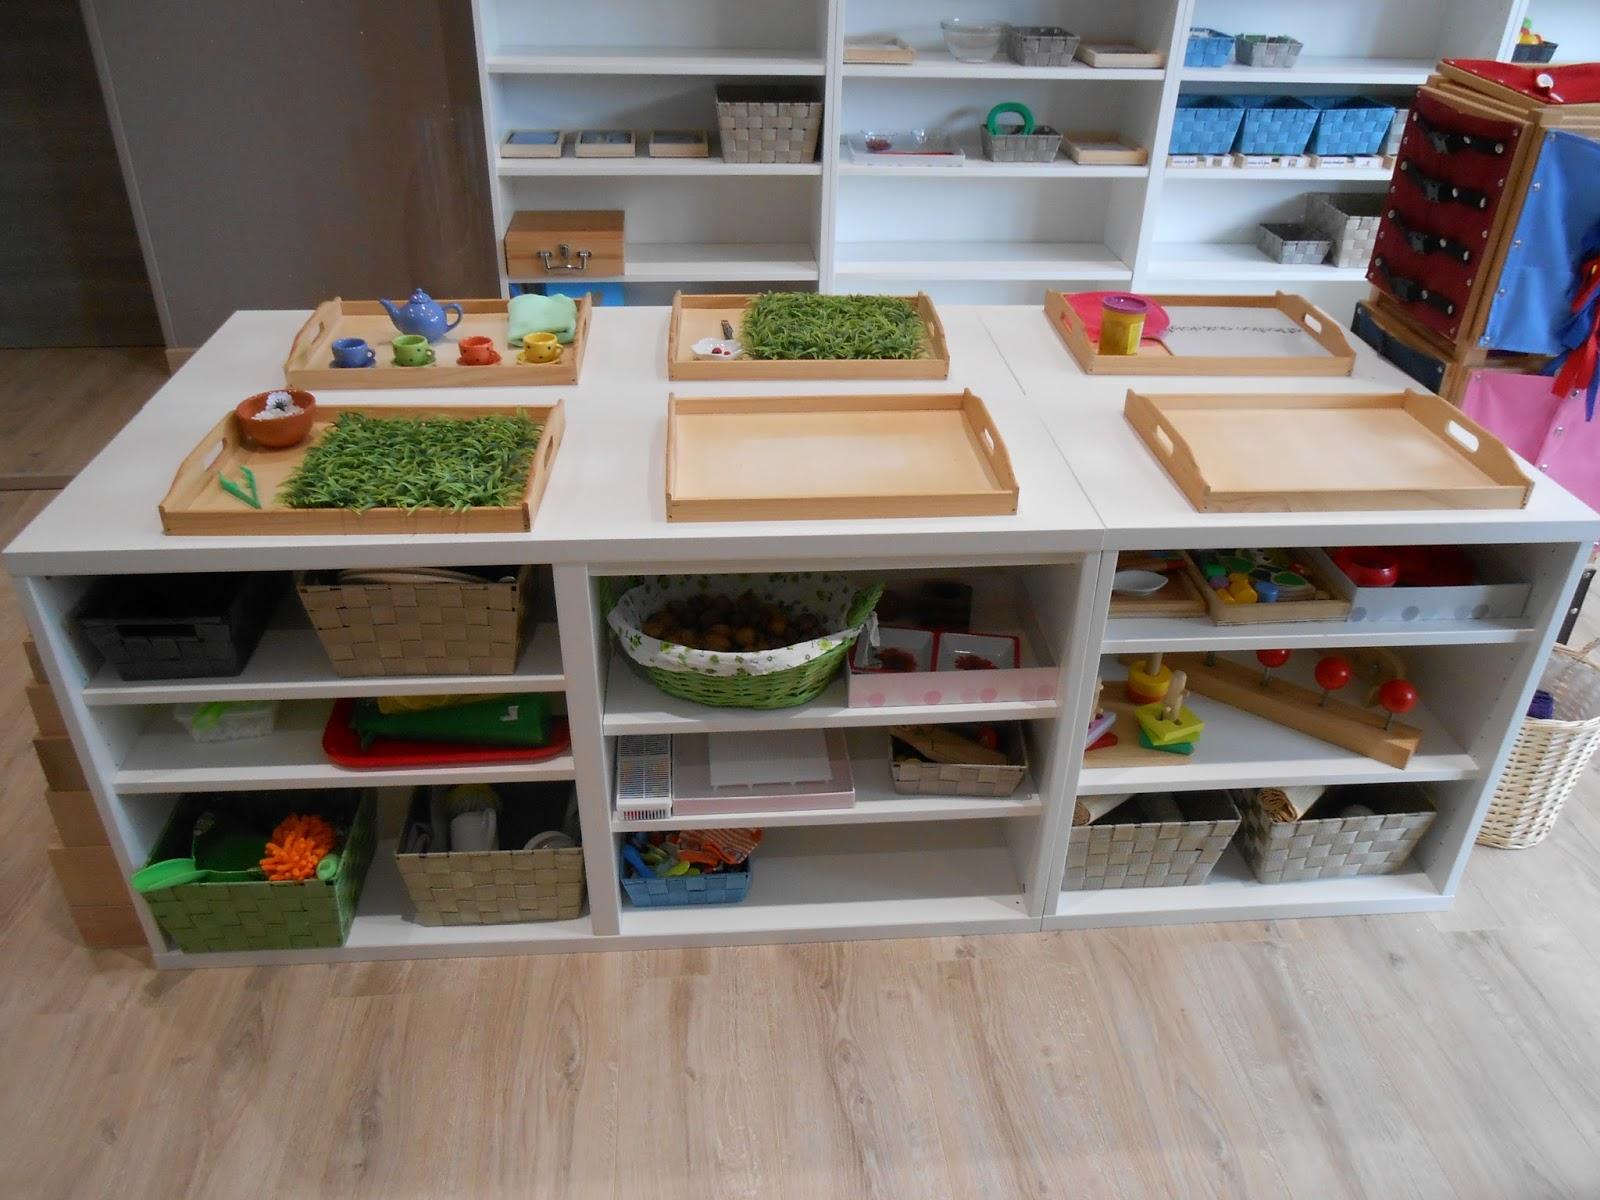 Fabriquer meuble montessori - Meubles ikea detournes ...